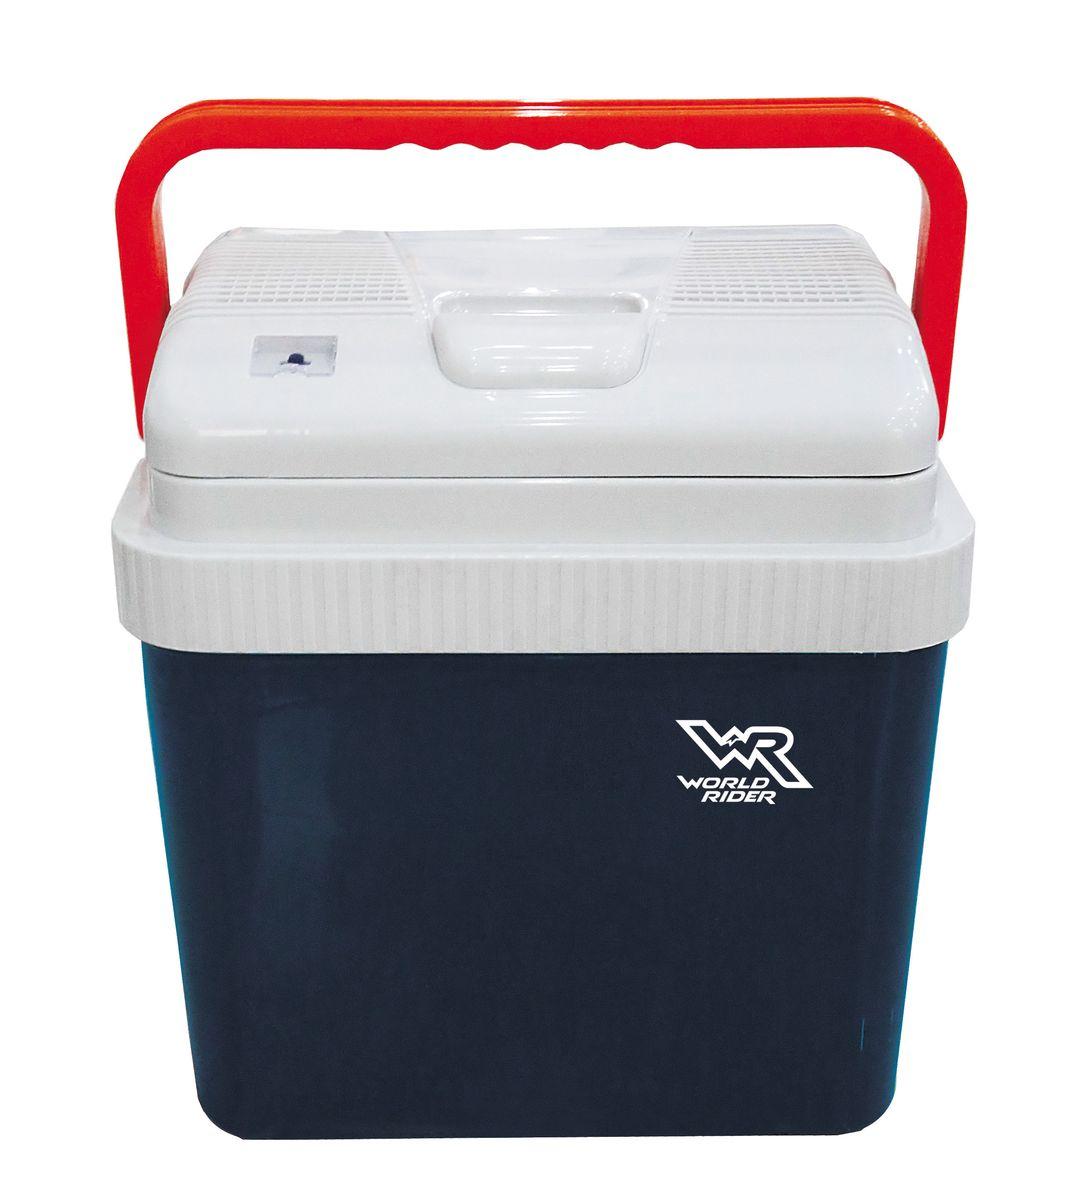 Автомобильный холодильник World Rider, 24 л. WR 6514WR 6514Сохраняет продукты в свежем состоянии. Обеспечивает разницу температур 18–20 °С по отношению к температуре окружающей среды в режиме охлаждения и 50 °С в режиме нагрева. Идеально подходит для поездки на дачу и на пикник.Высокая термоизоляция. Индикатор режима работы. Стильный дизайн, удобная ручка. Долговечный бесколлекторный мотор. Объем: 24 л Вес: 5,4 кг Габаритные размеры: 0,4х0,3х0,44 мНапряжение: DC 12 ВПотребляемая мощность: 48 Вт в режиме охлаждения, 45 Вт в режиме нагрева